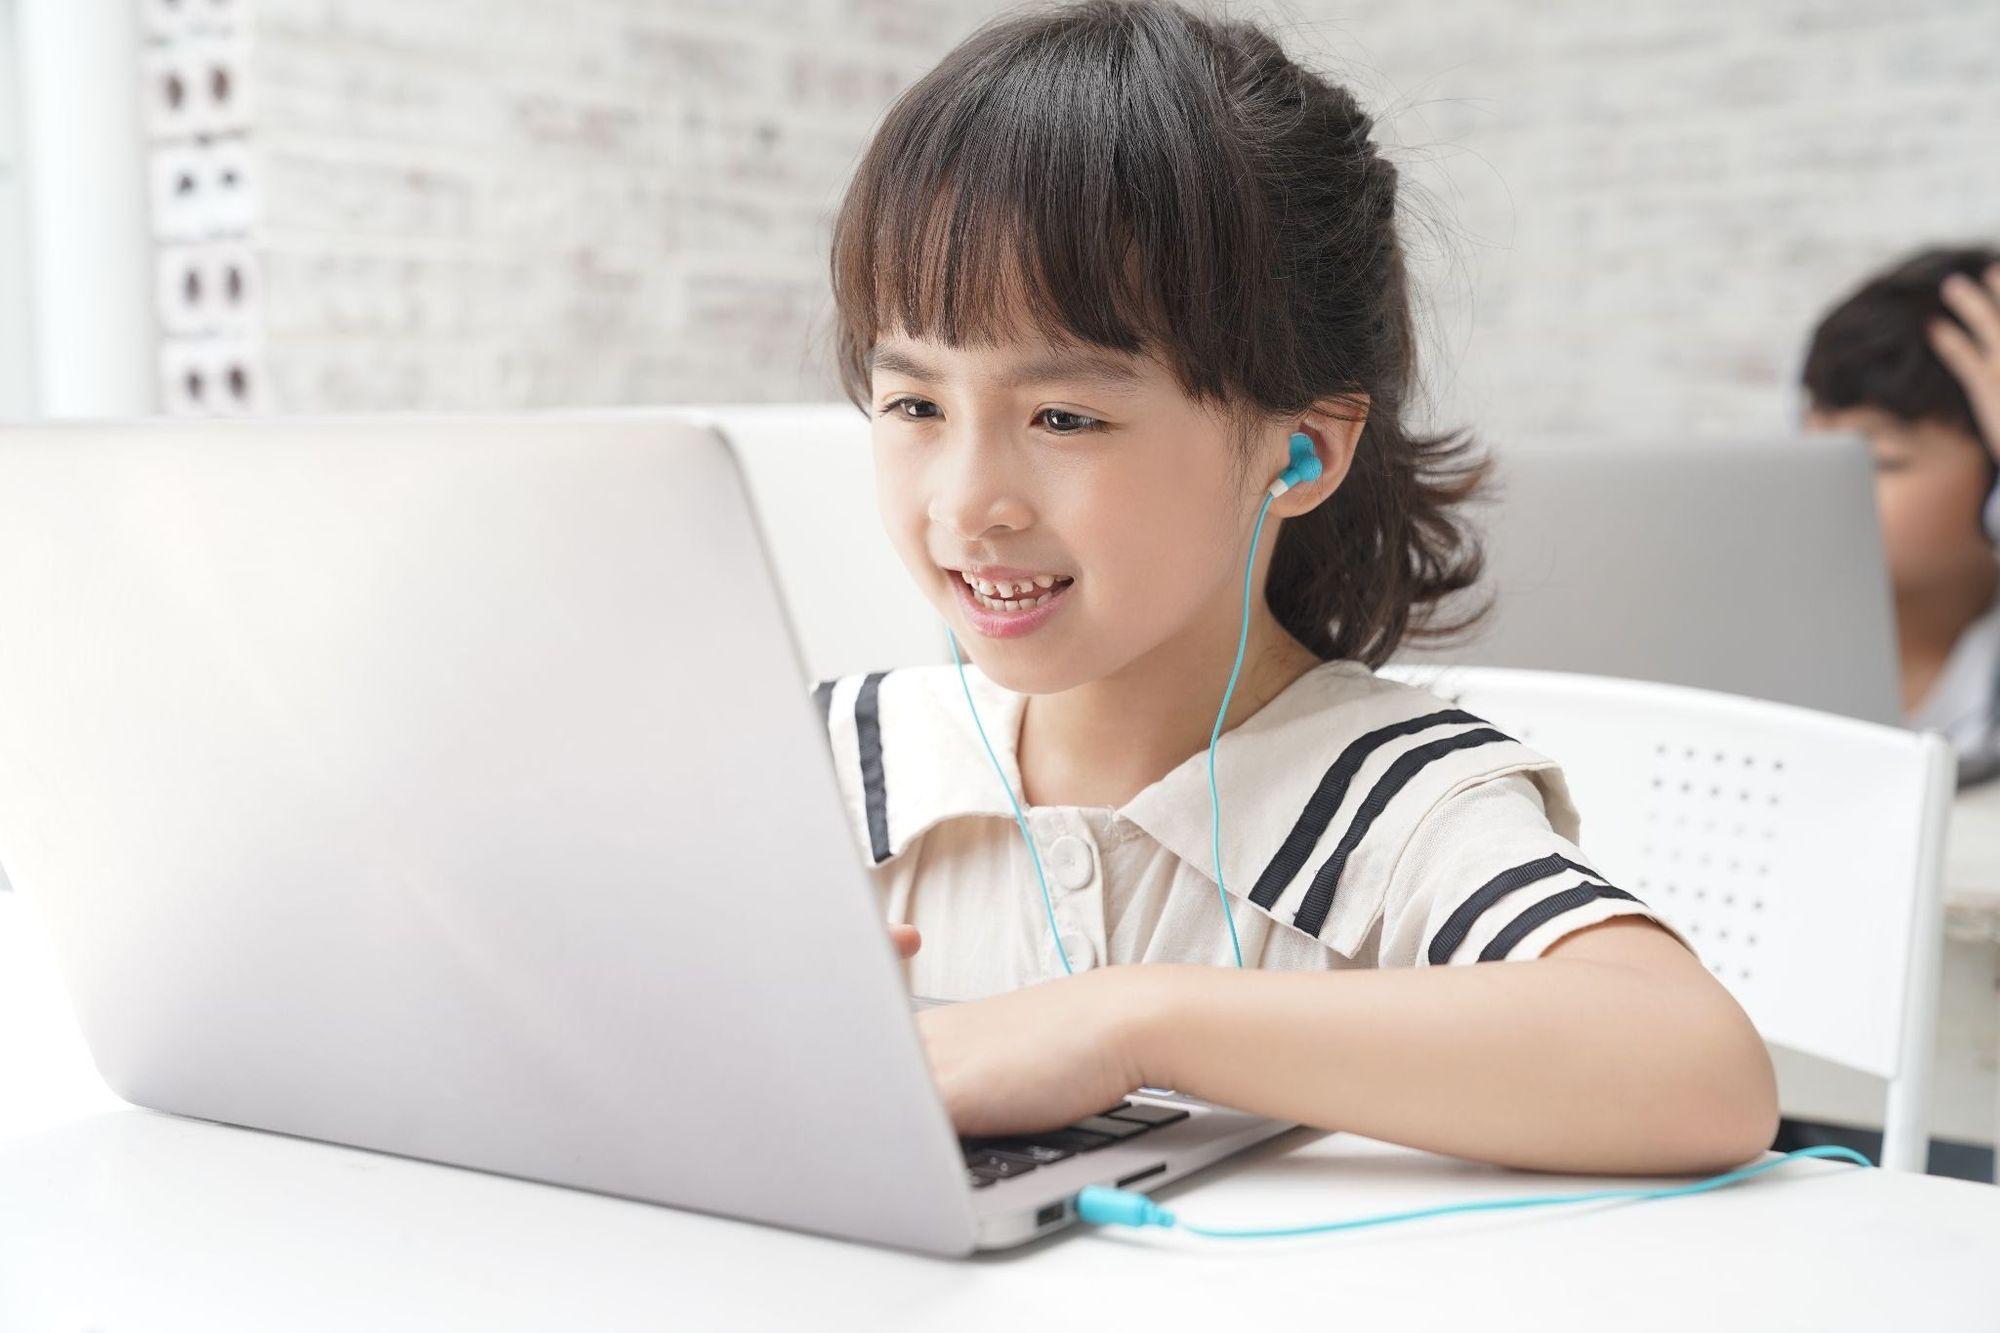 Cách kiểm soát trẻ xem YouTube có nội dung độc hại